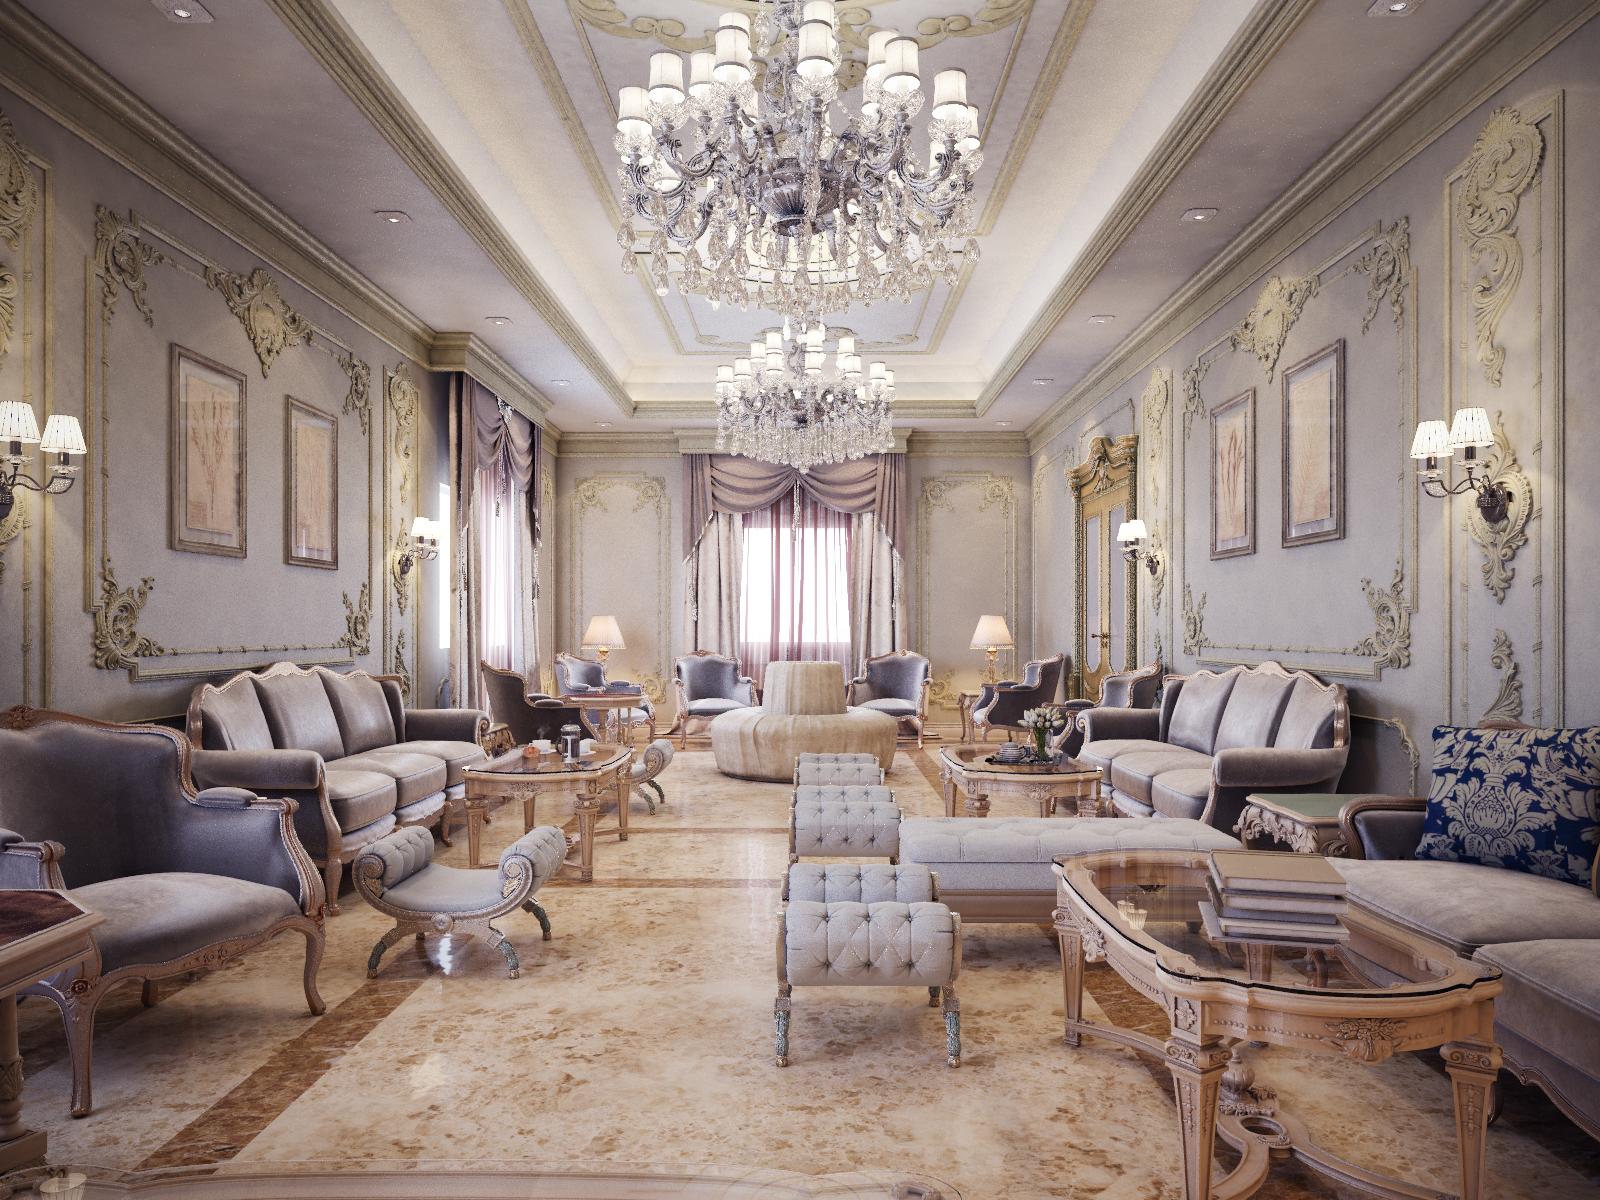 Tìm hiểu về phong cách Cổ điển trong thiết kế nội thất